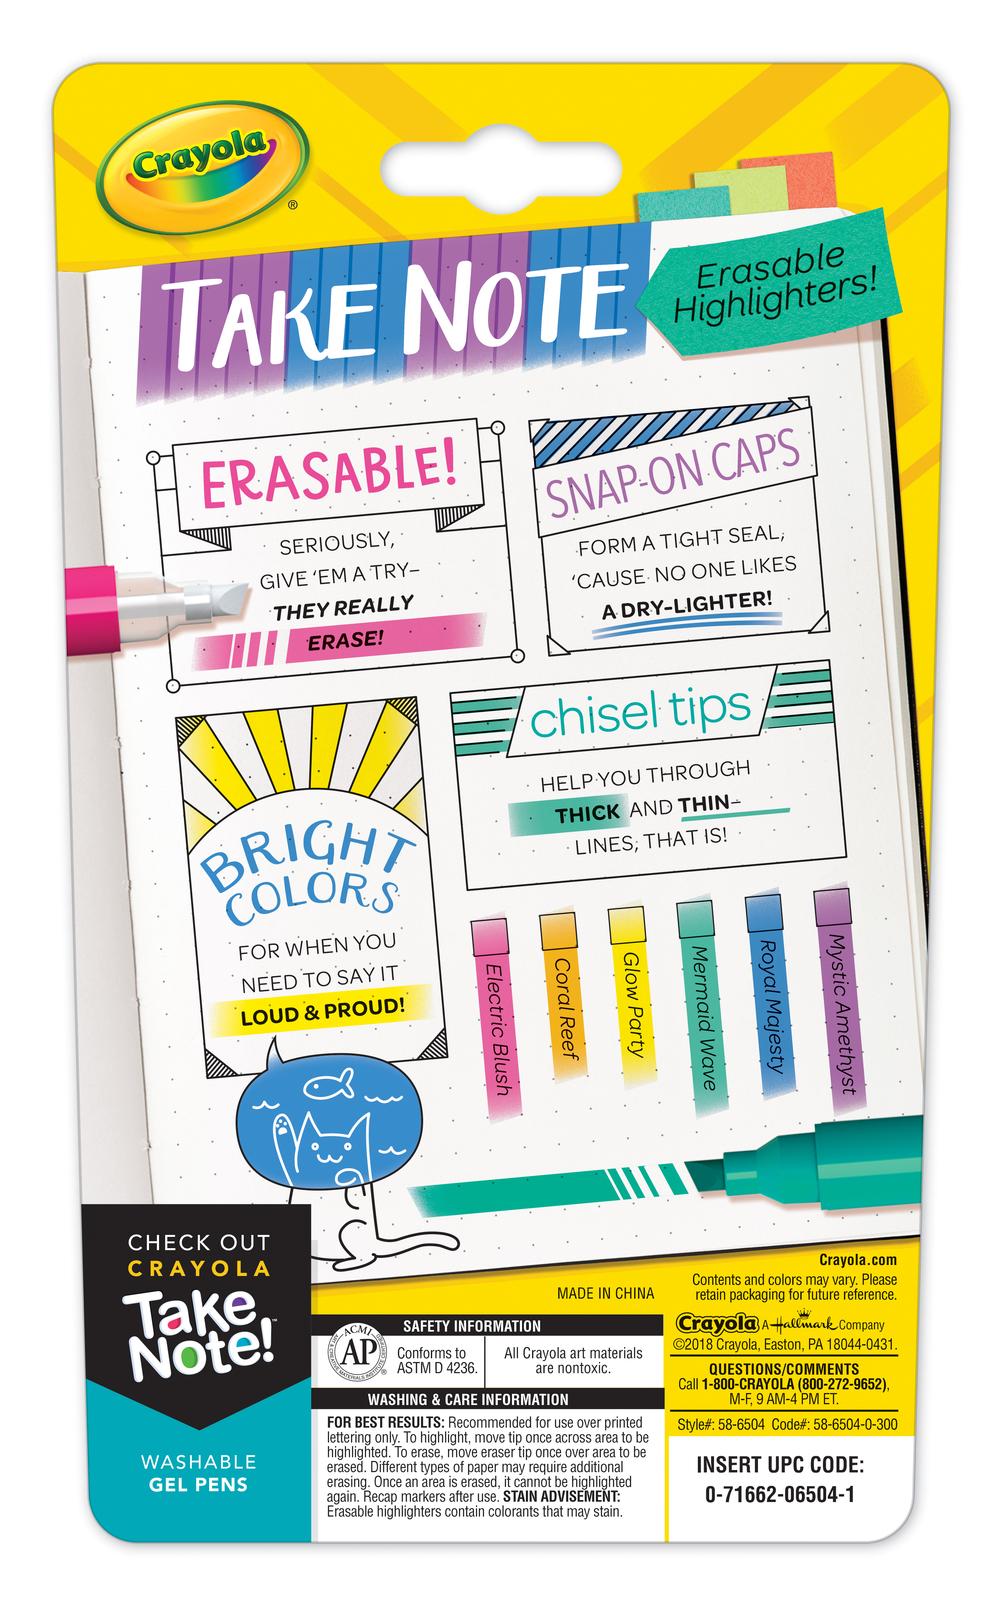 Crayola: Take Note - Erasable Highlighter Set (6-pc) image